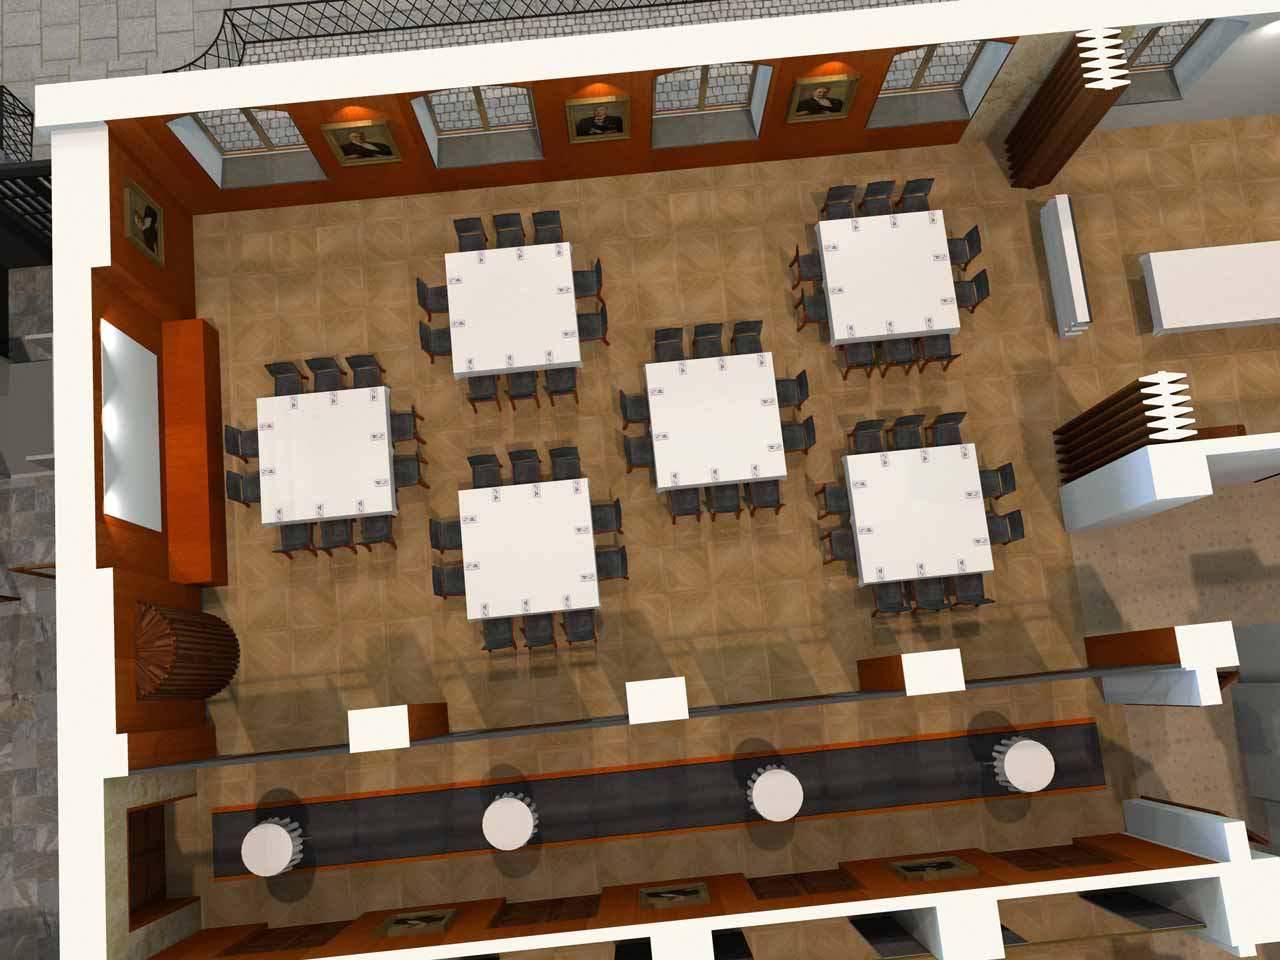 60 gäster Jernkontoret Festvåning i 3D